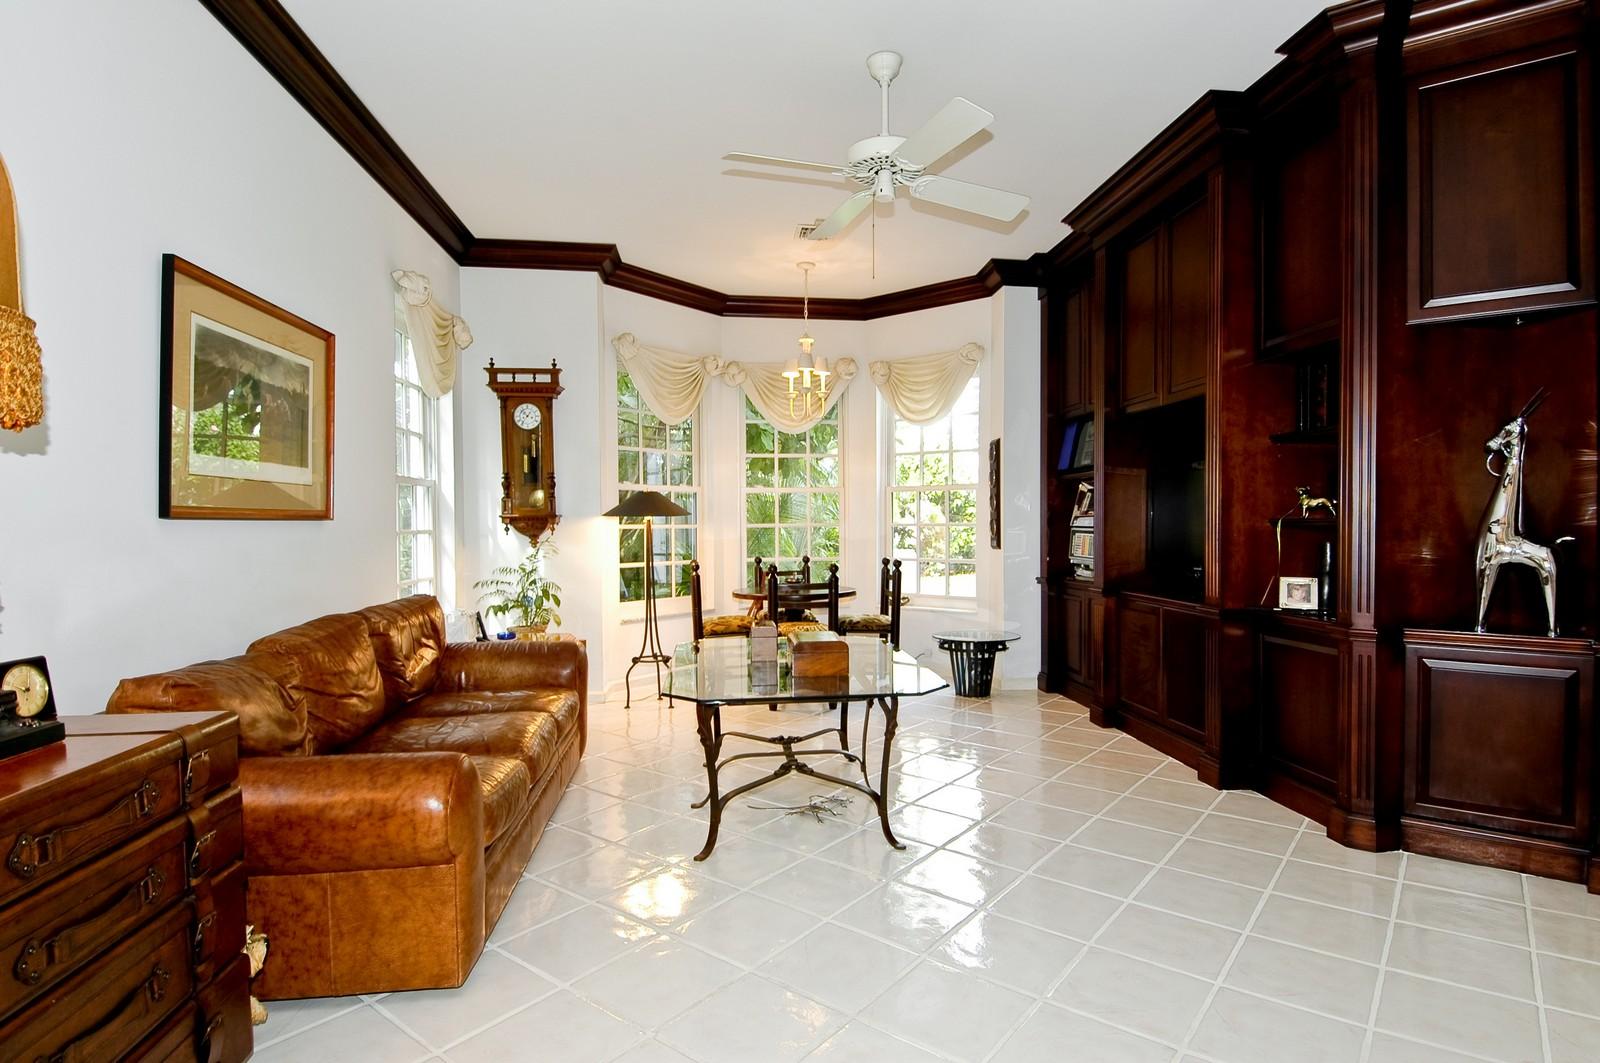 Real Estate Photography - 3685 NE 195 Ter, Aventura, FL, 33180 - Family Room